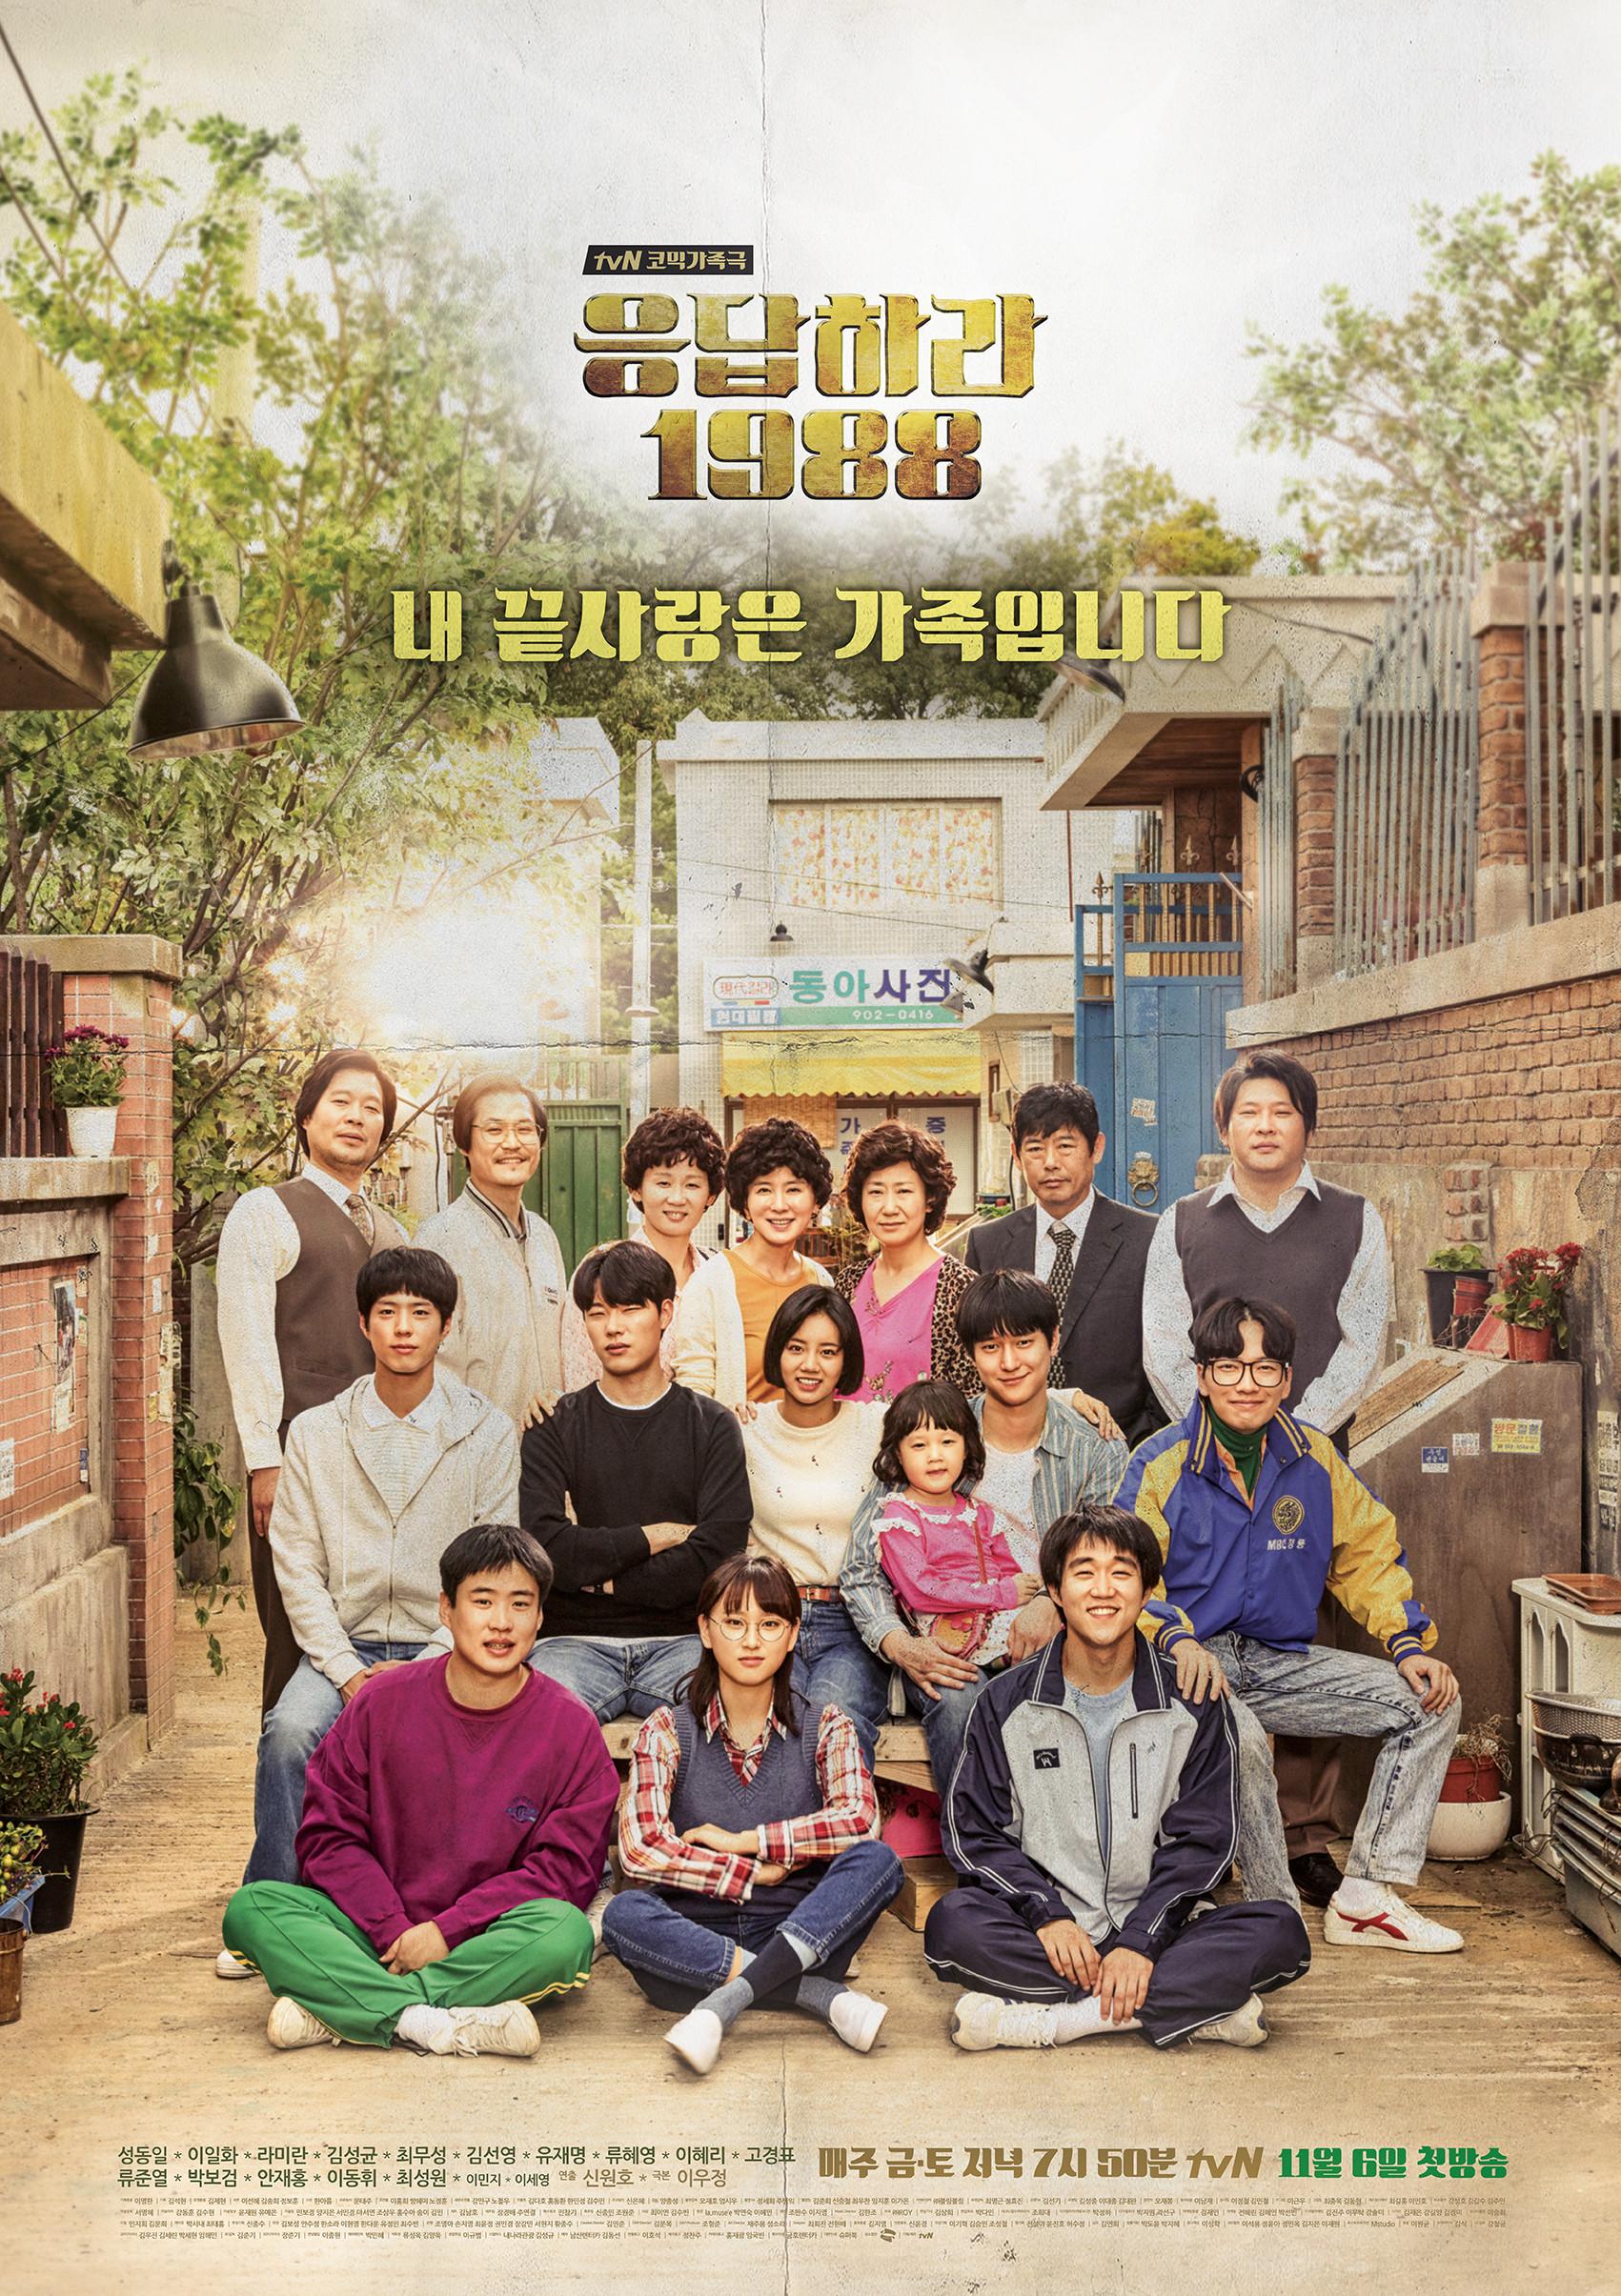 ▲《請回答1988》是韓劇迷們心中的經典之一。(圖/翻攝自《請回答1988》官網)